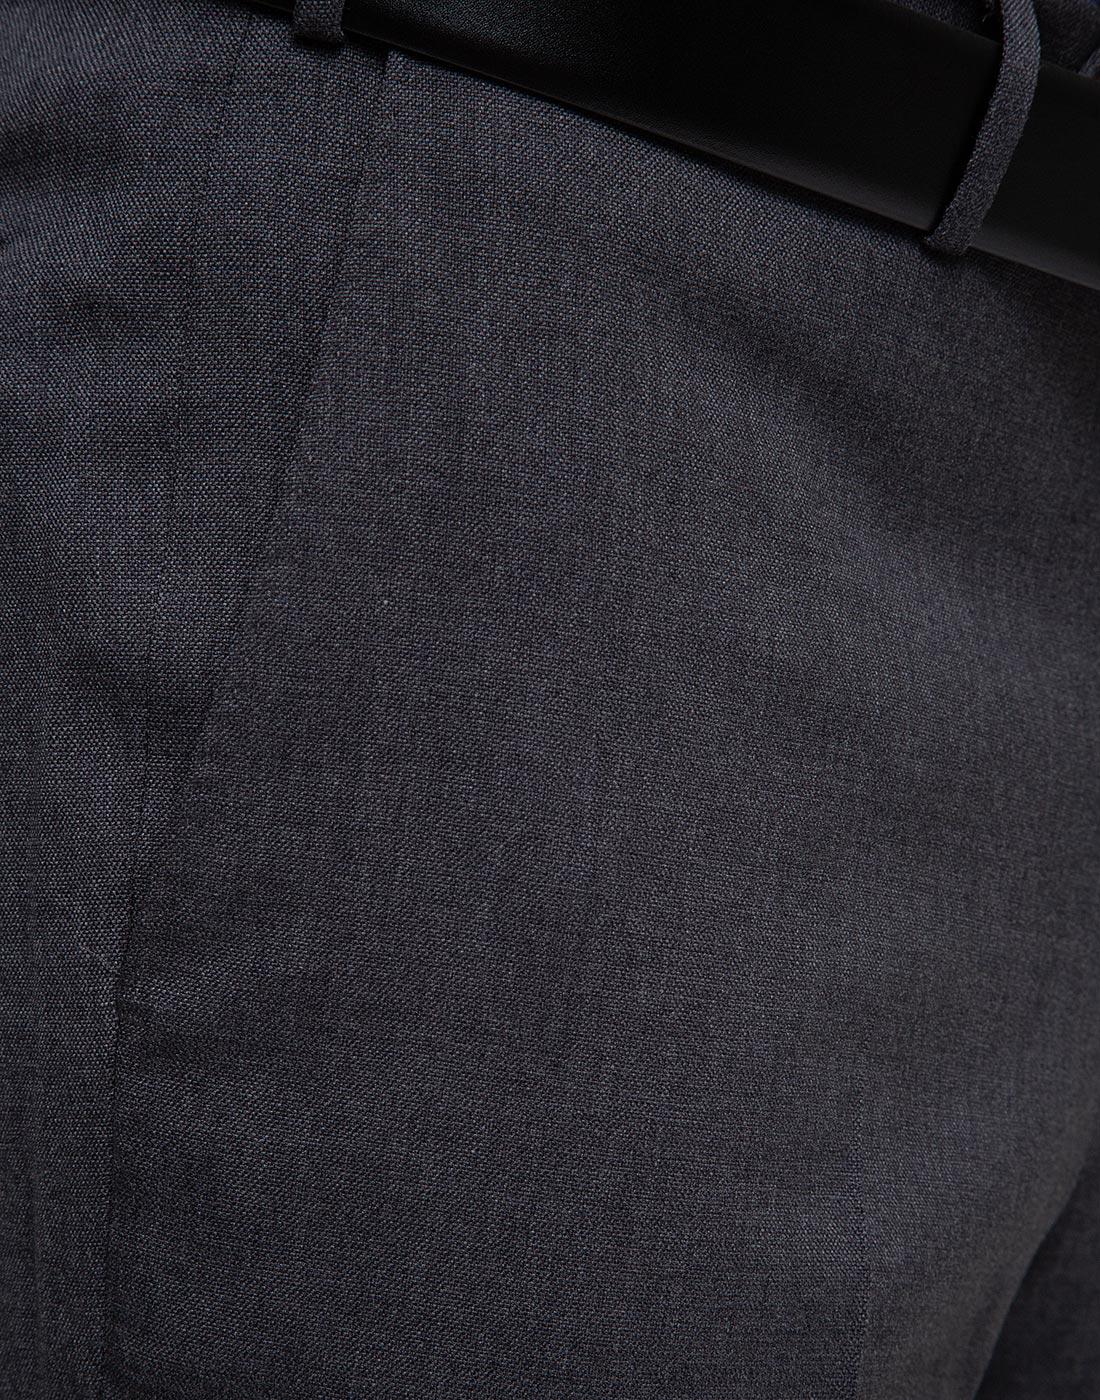 Мужские серые шерстяные брюки PT STO28 0240-6